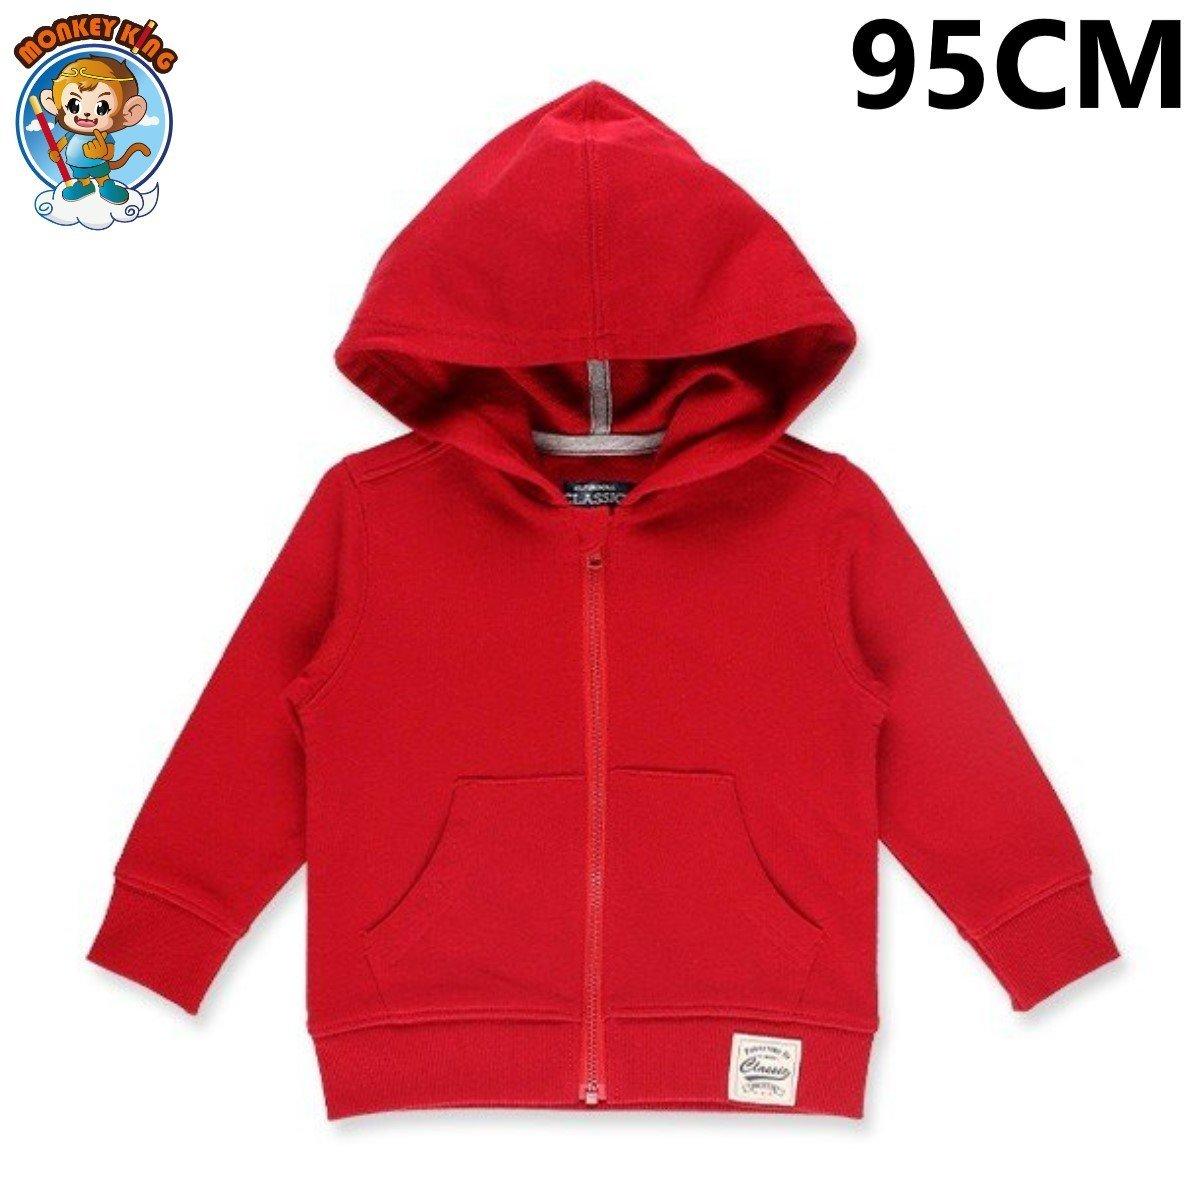 Kid's Zip Up Coat/Outerwear (95cm) - Red